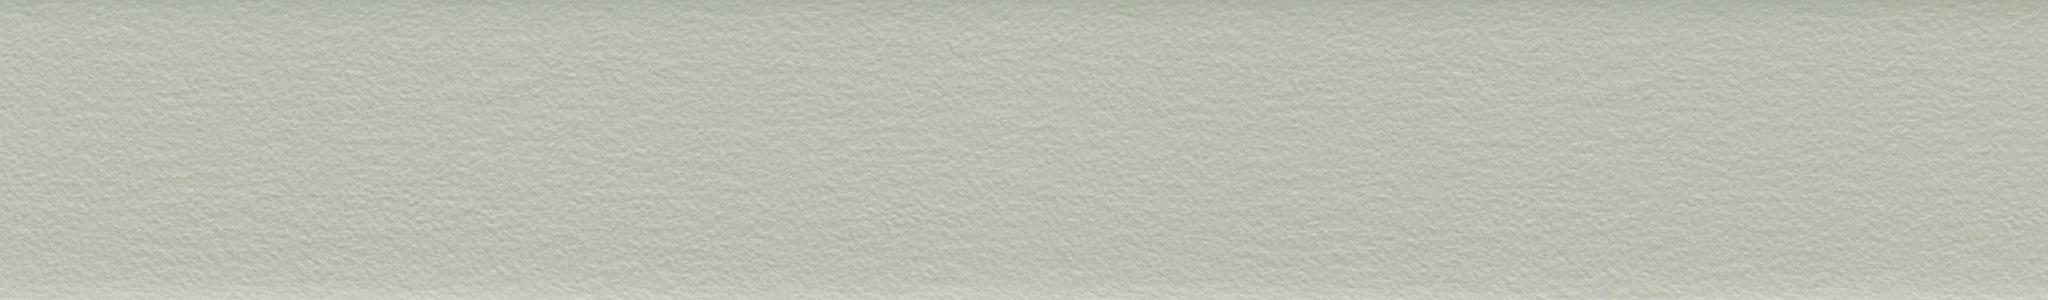 HU 172770 ABS hrana šedá perla jemná 107